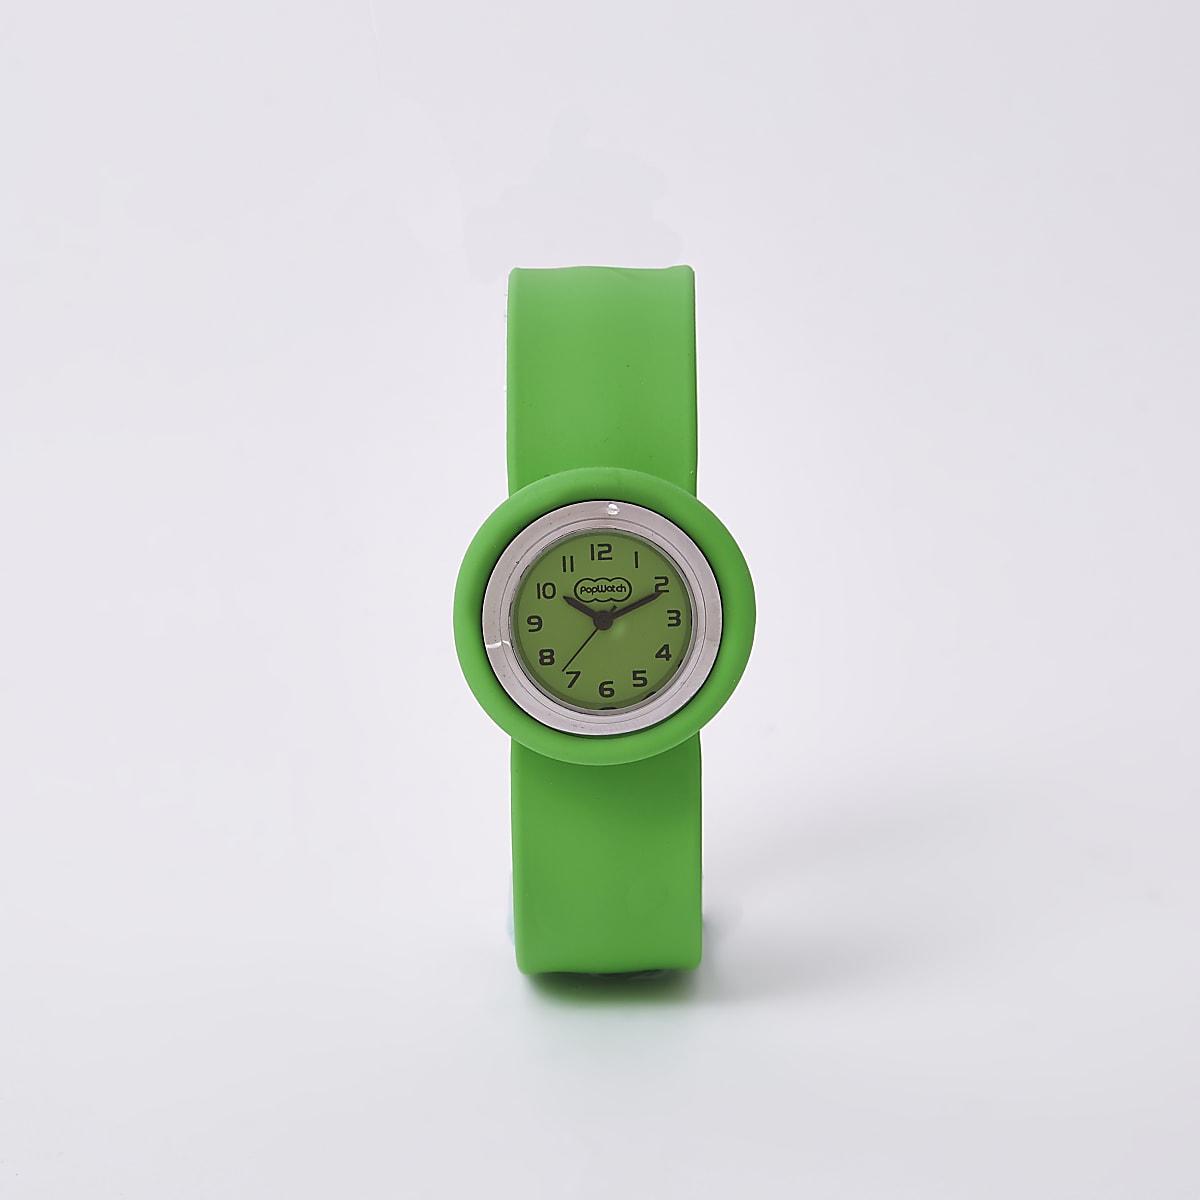 Bright green popwatch